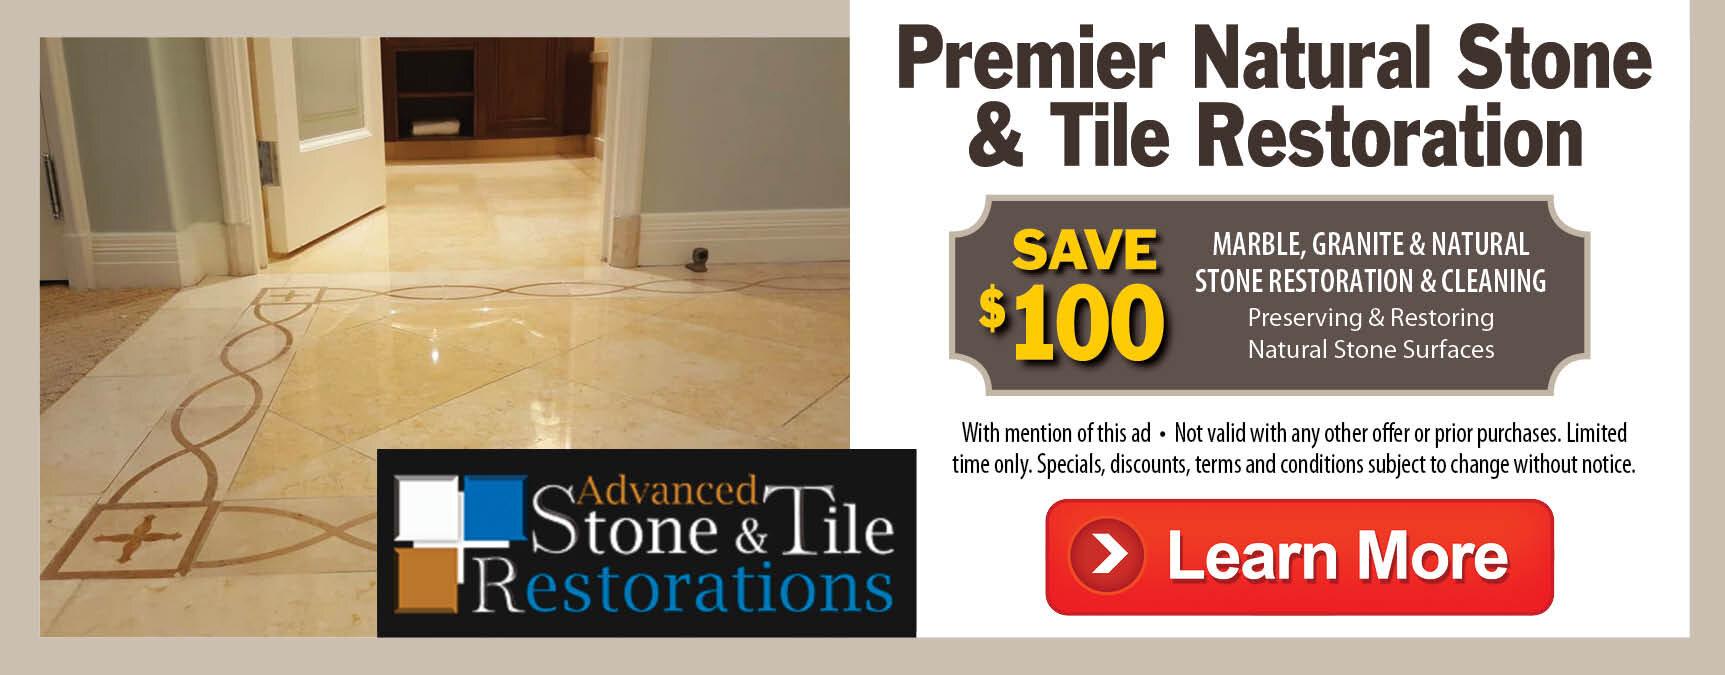 AdvStone&Tile_Offer_Reg_09-18.jpg